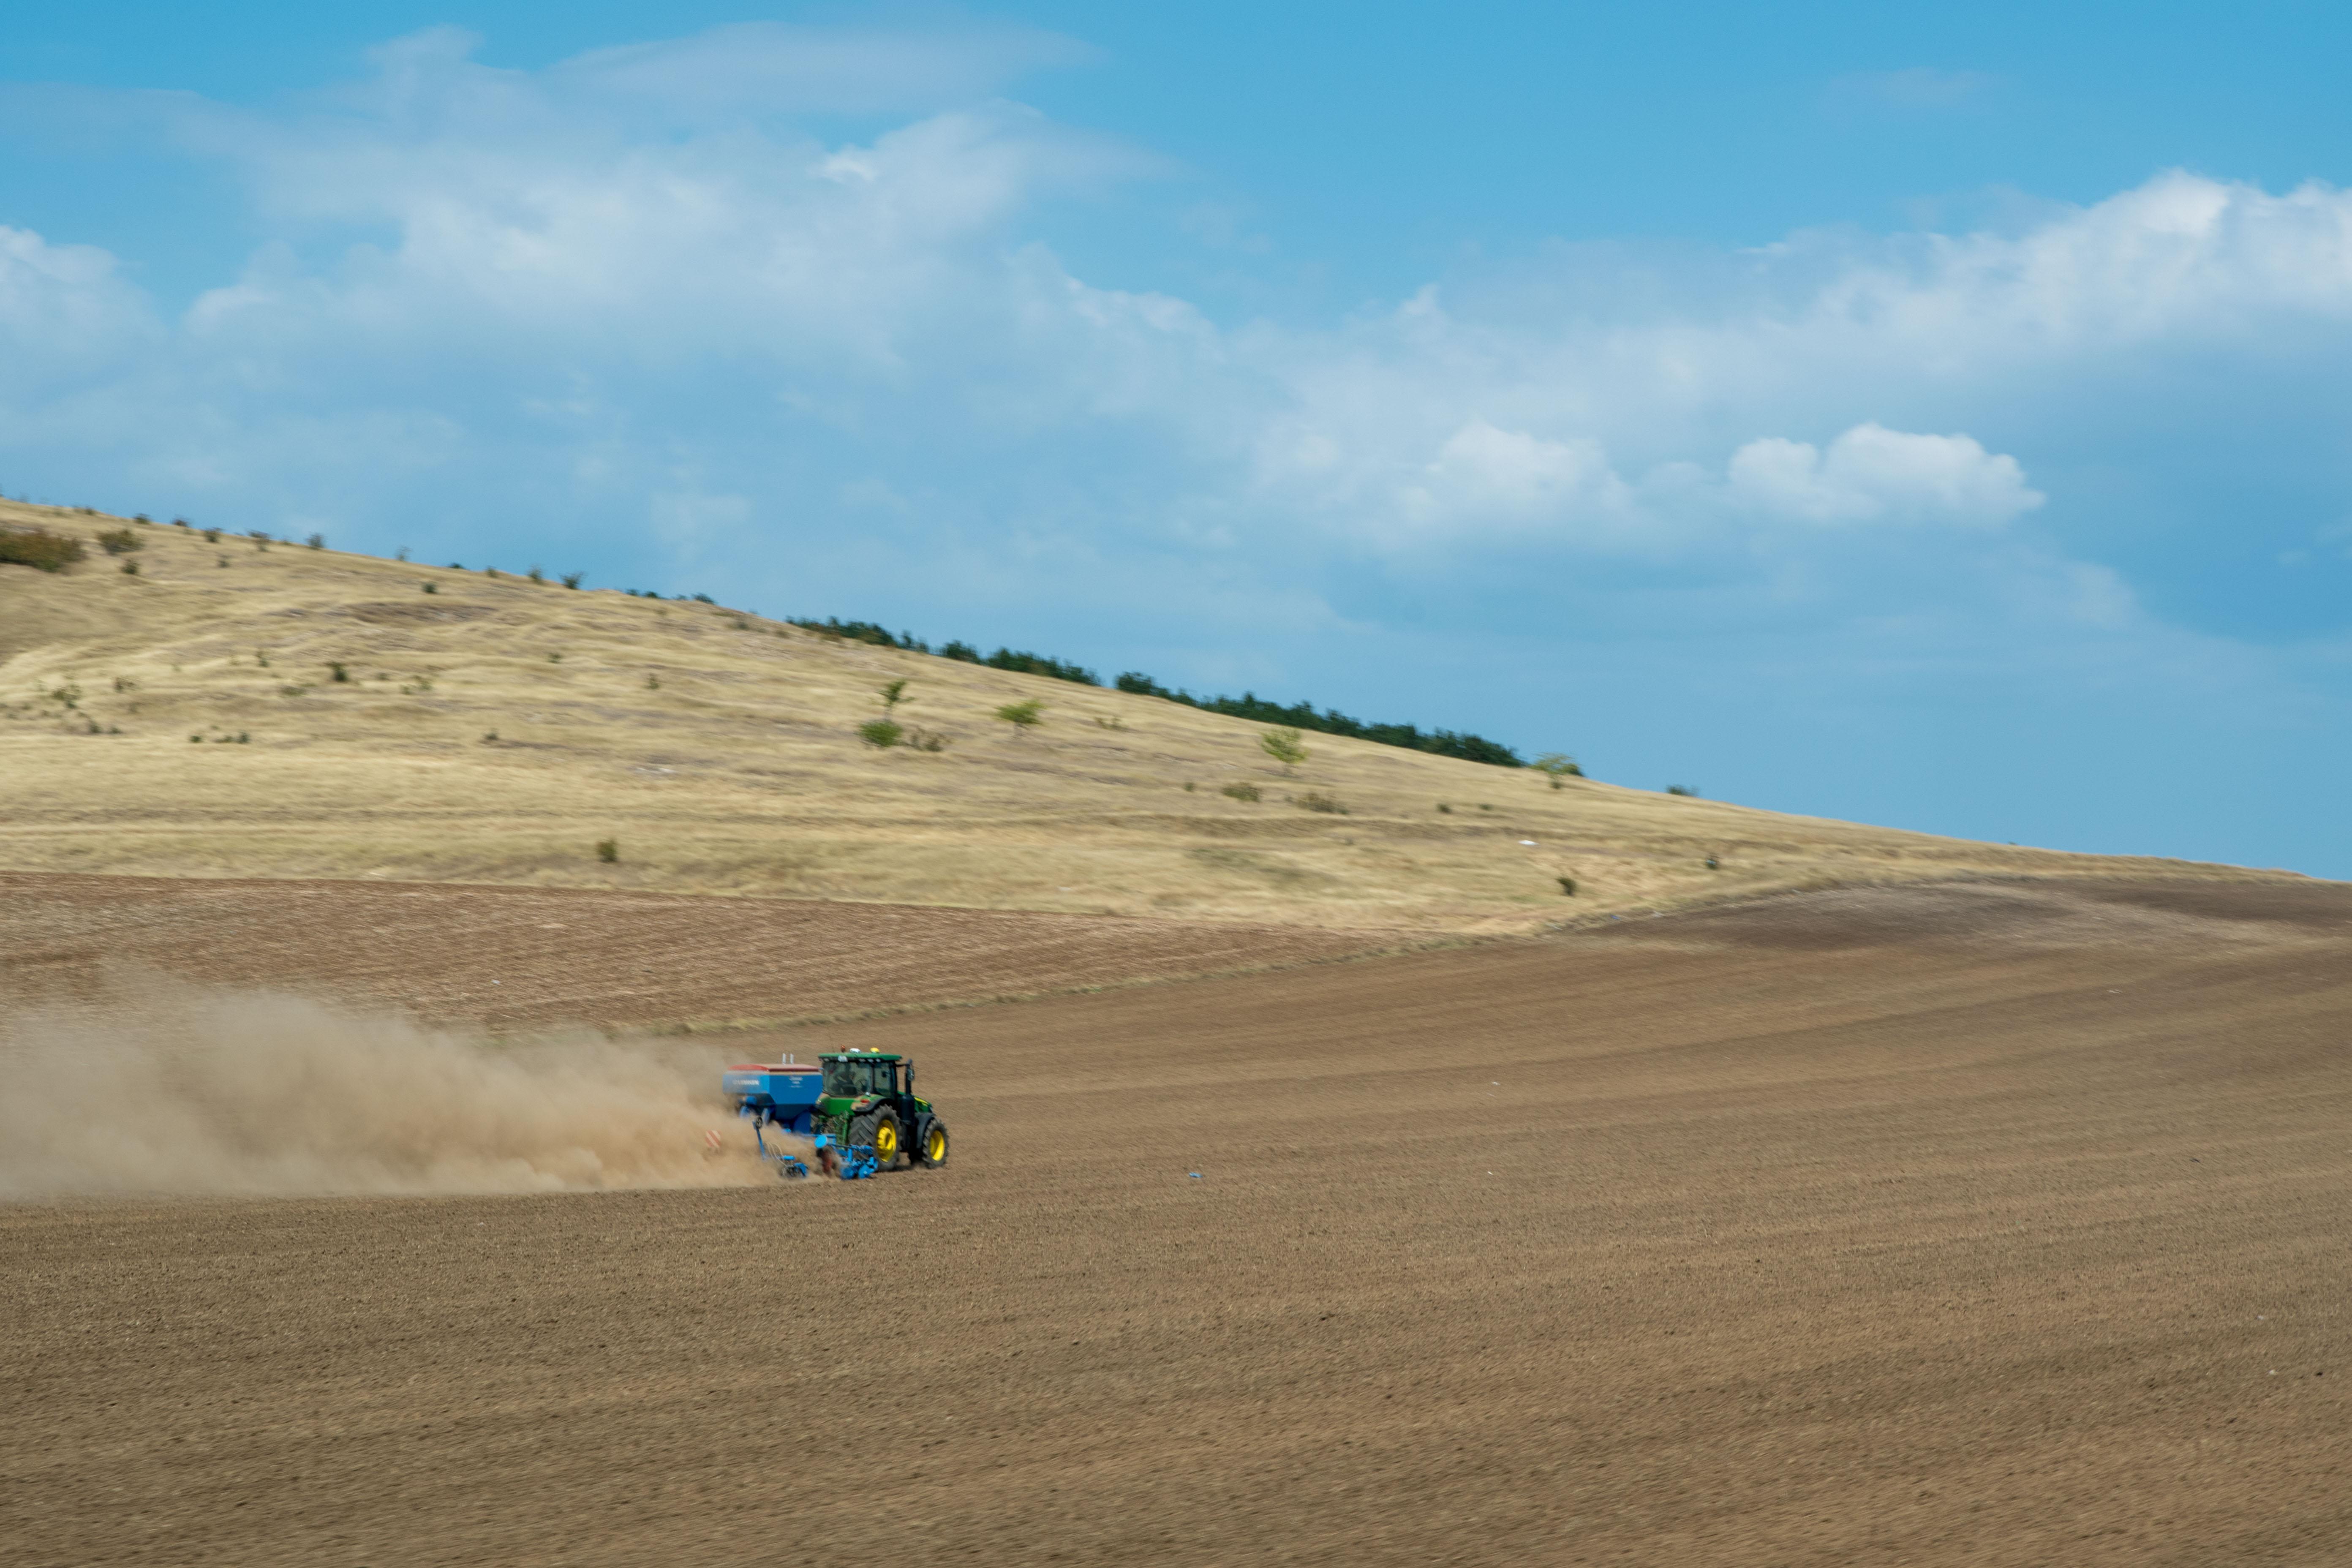 Des plaines destinées à l'agriculture